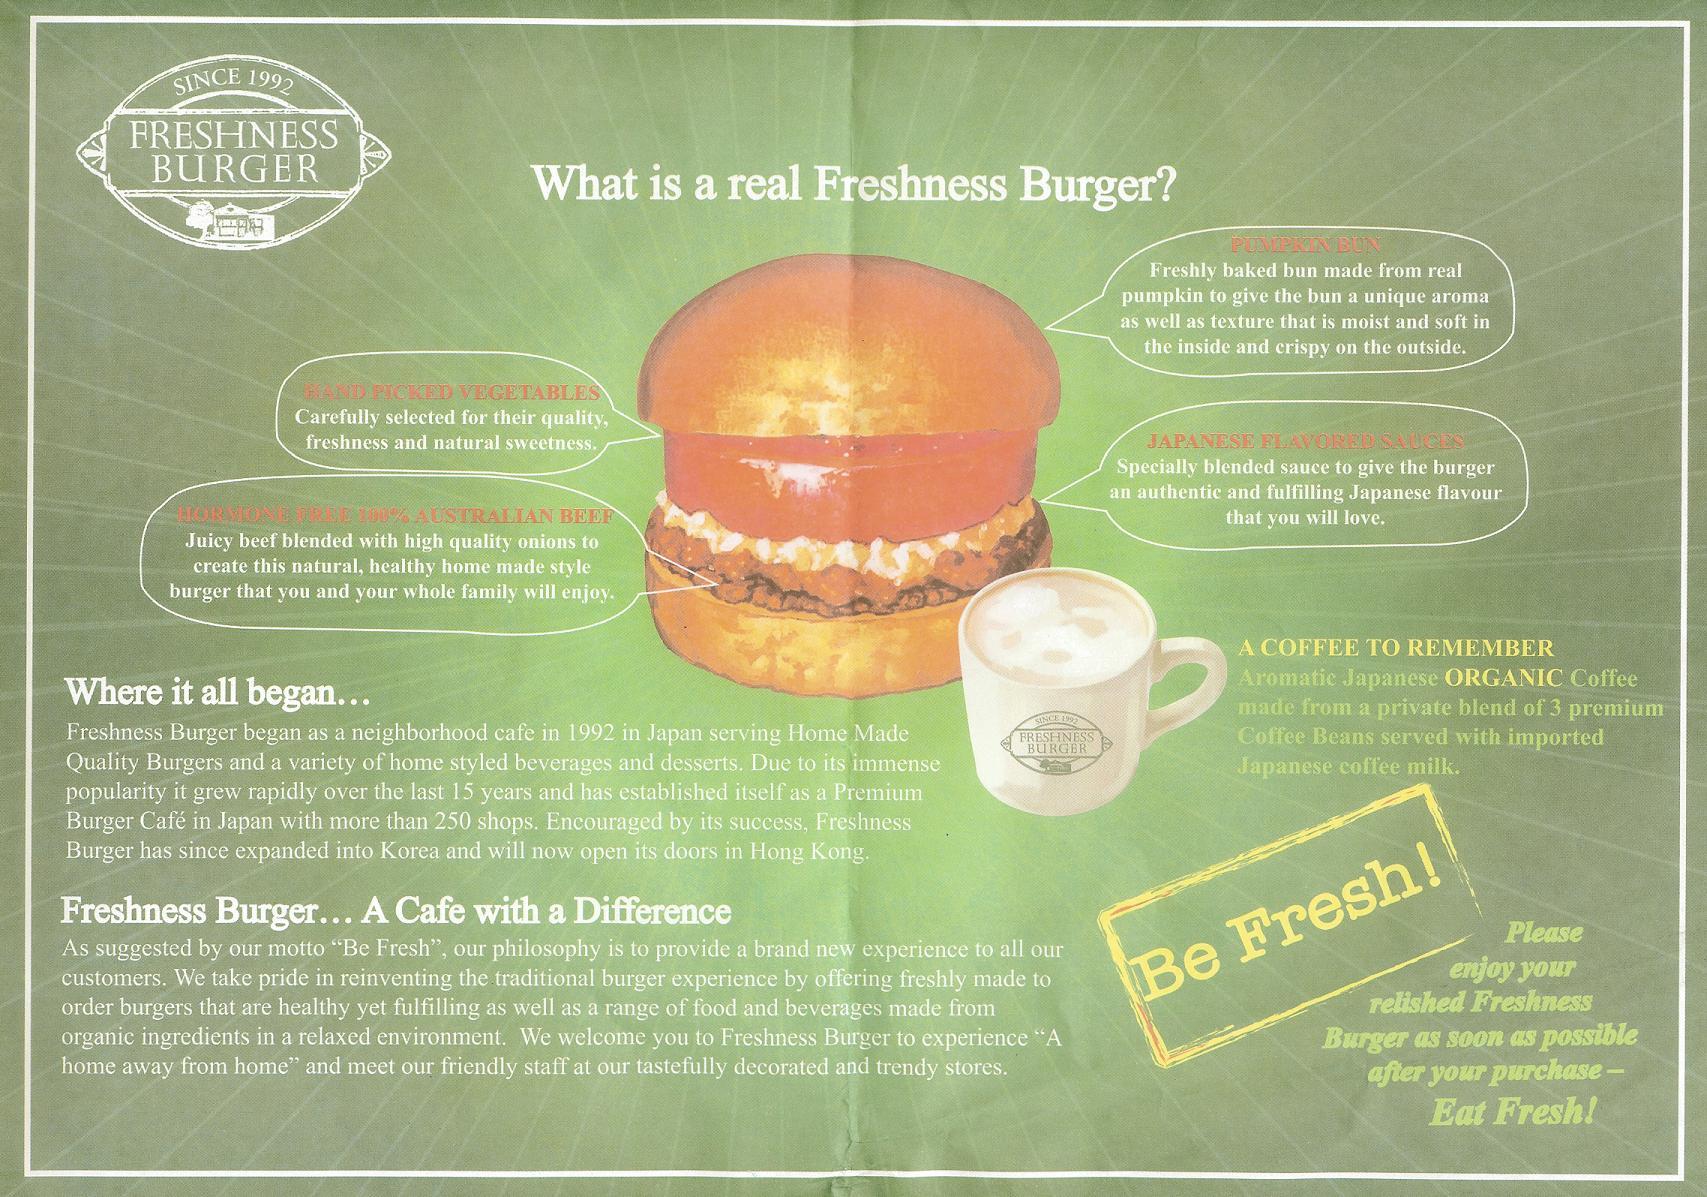 freshness-burger-3.jpg